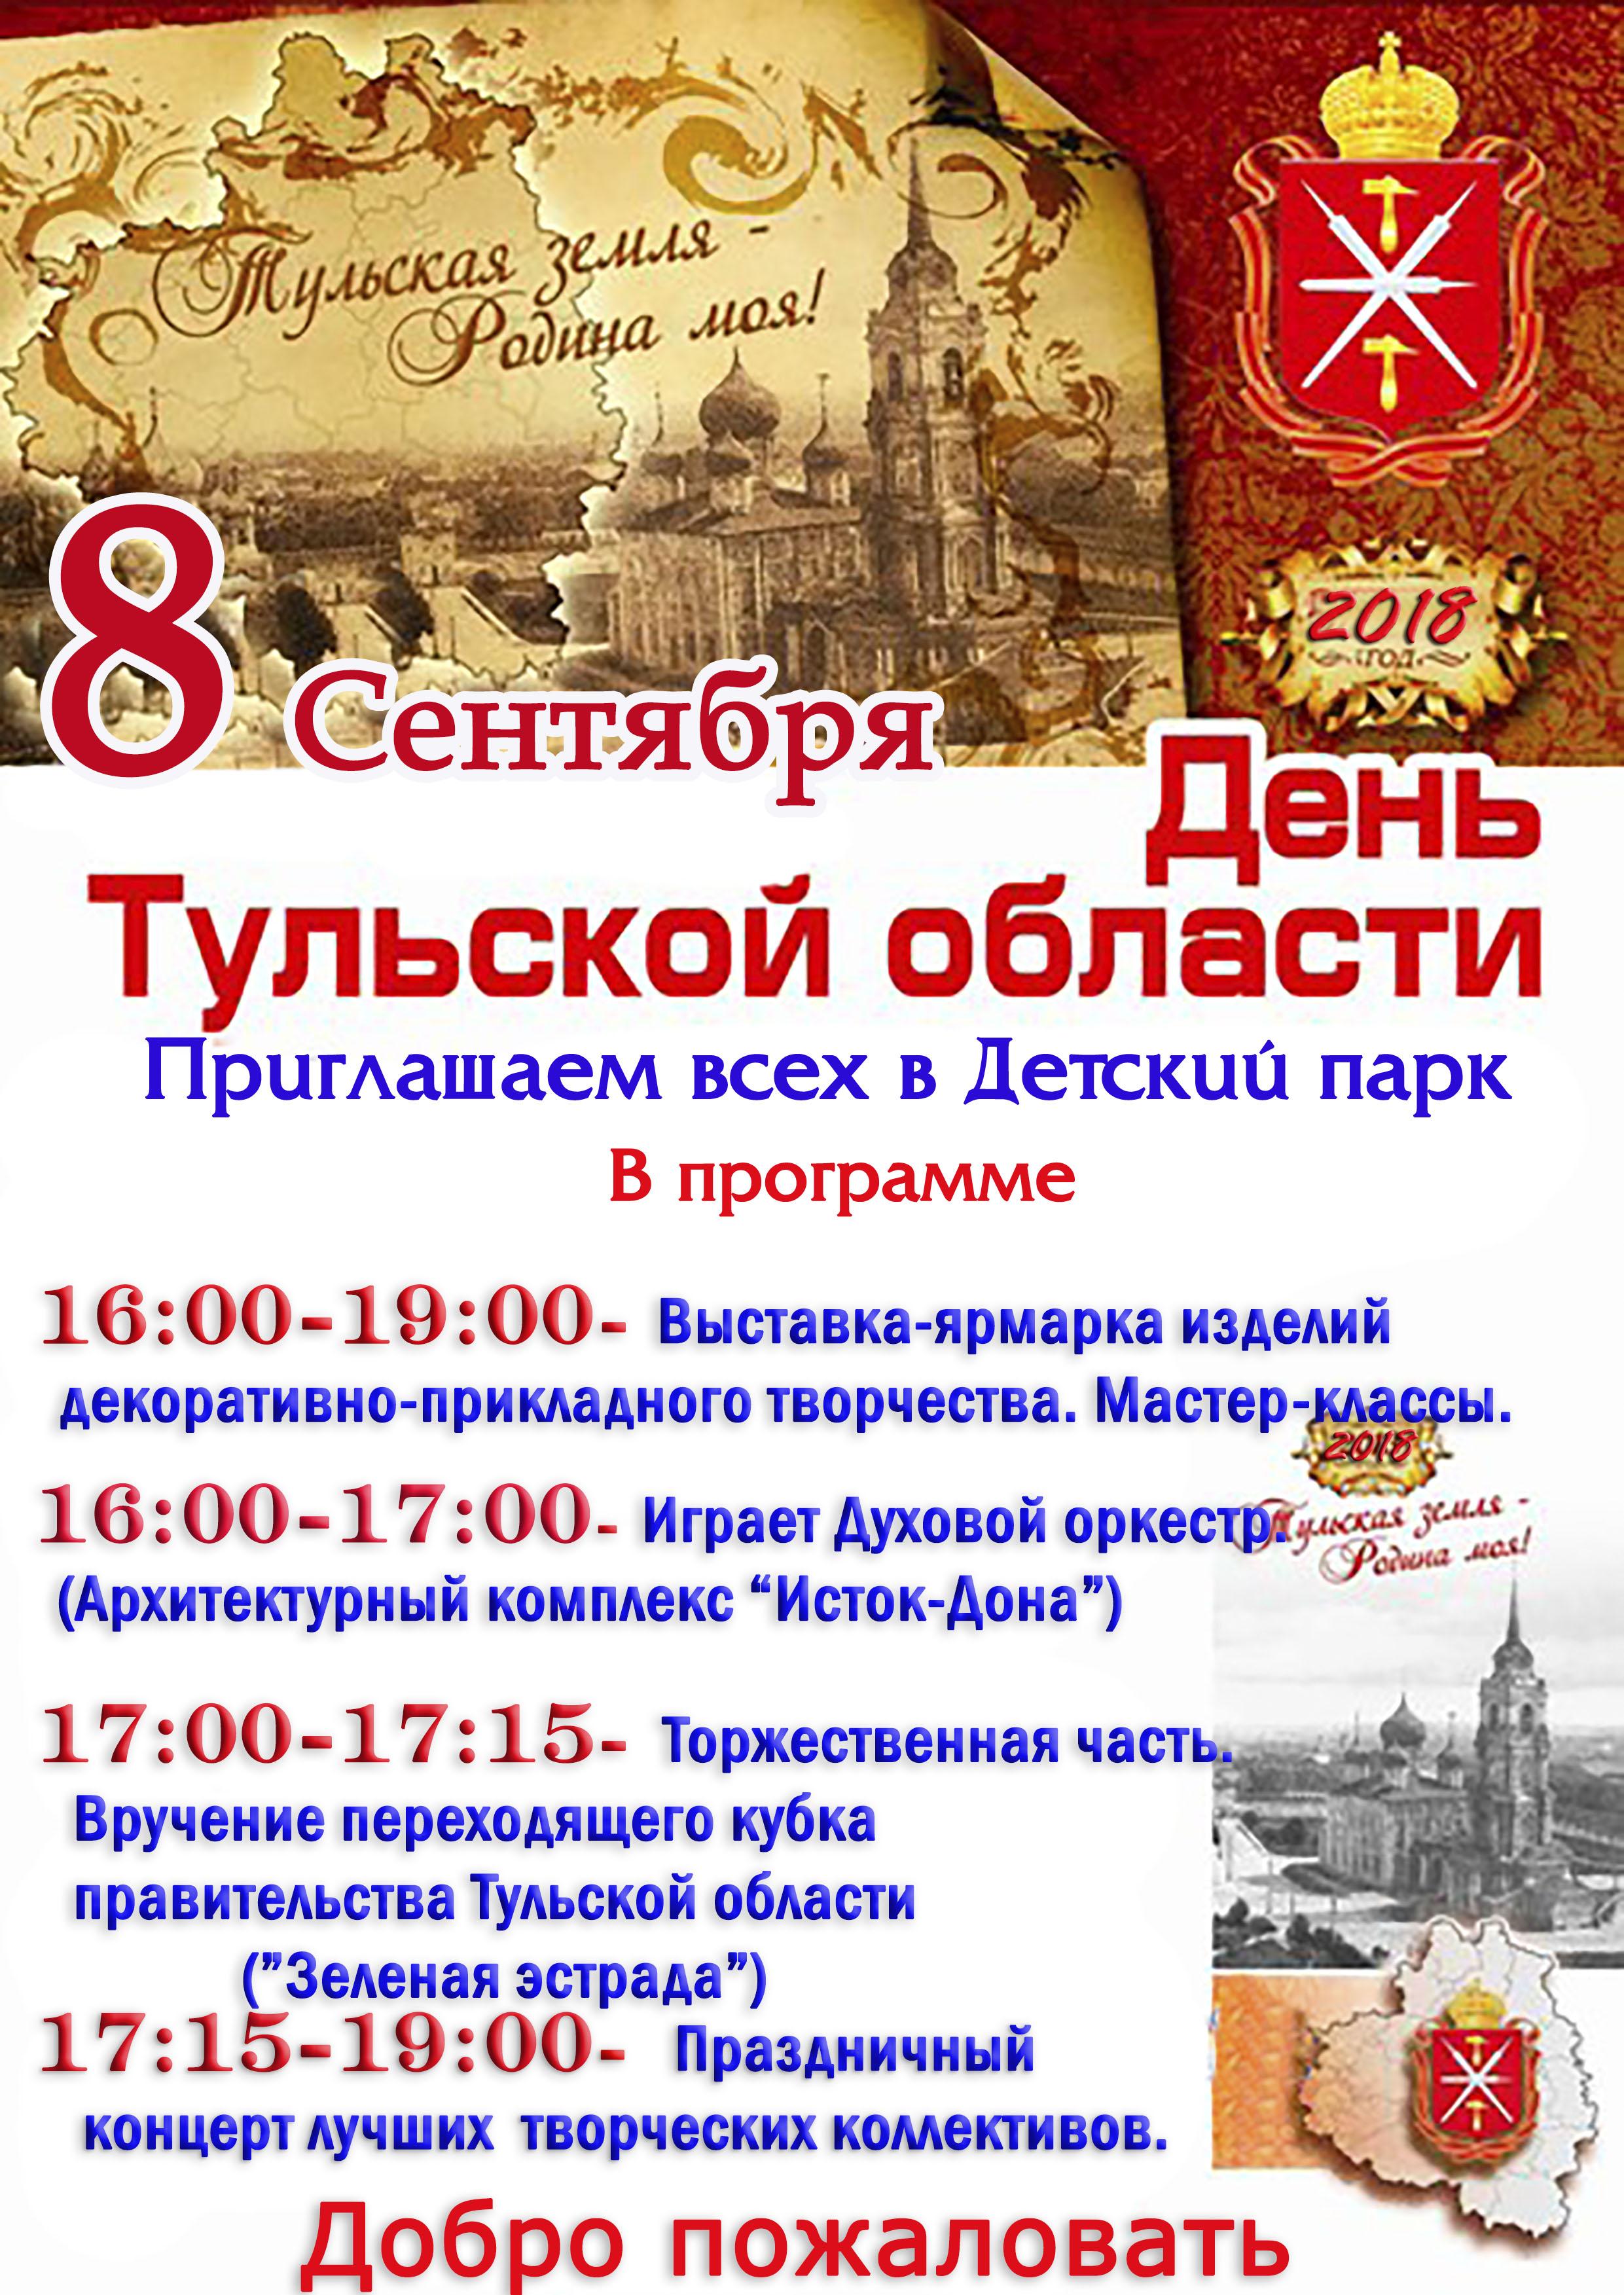 Новомосковцев приглашают на День Тульской области